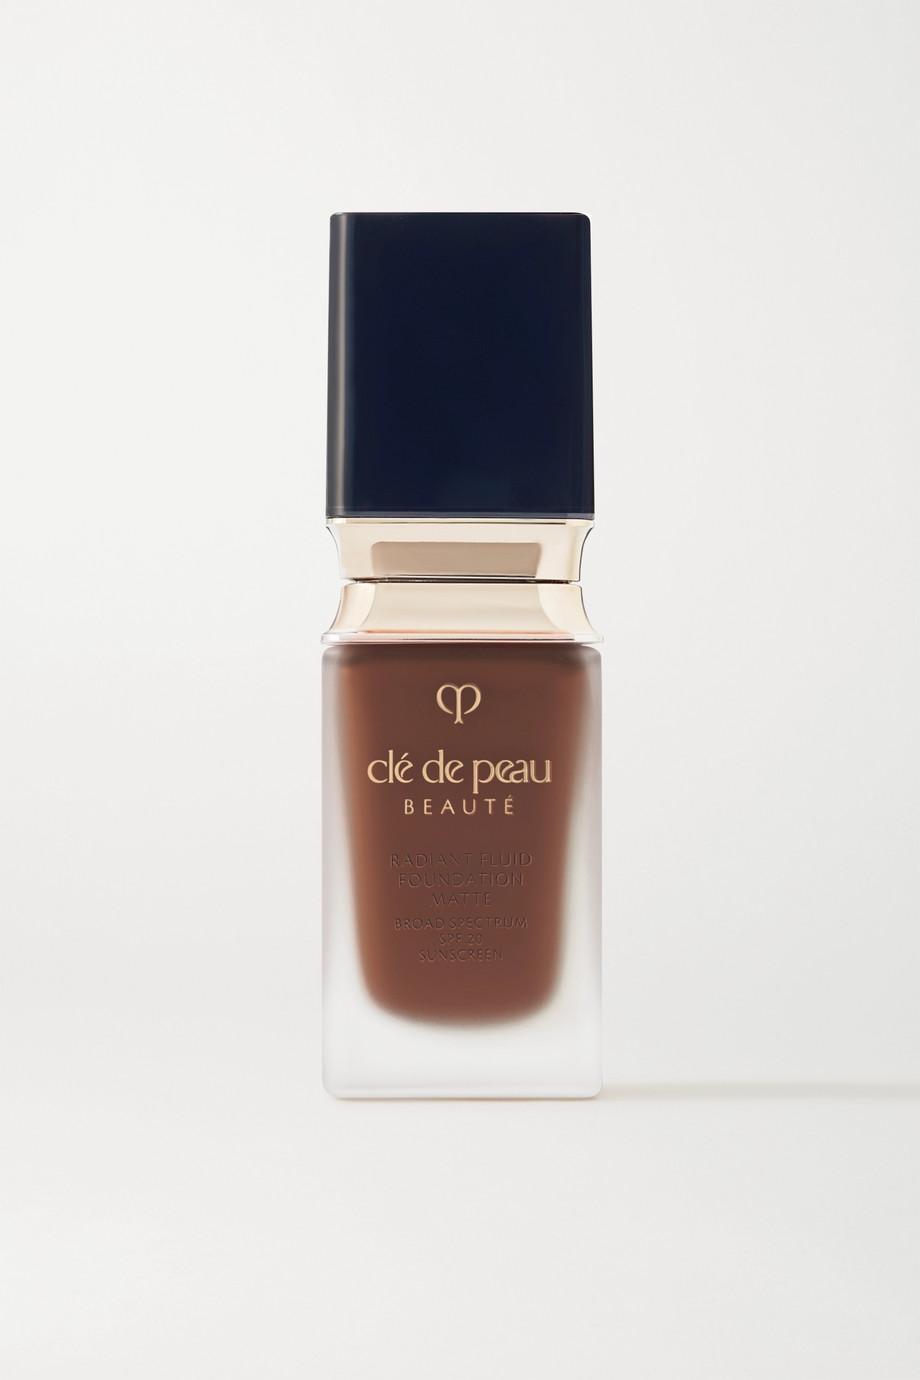 Clé de Peau Beauté Radiant Fluid Matte Foundation SPF20 - B100, 35ml